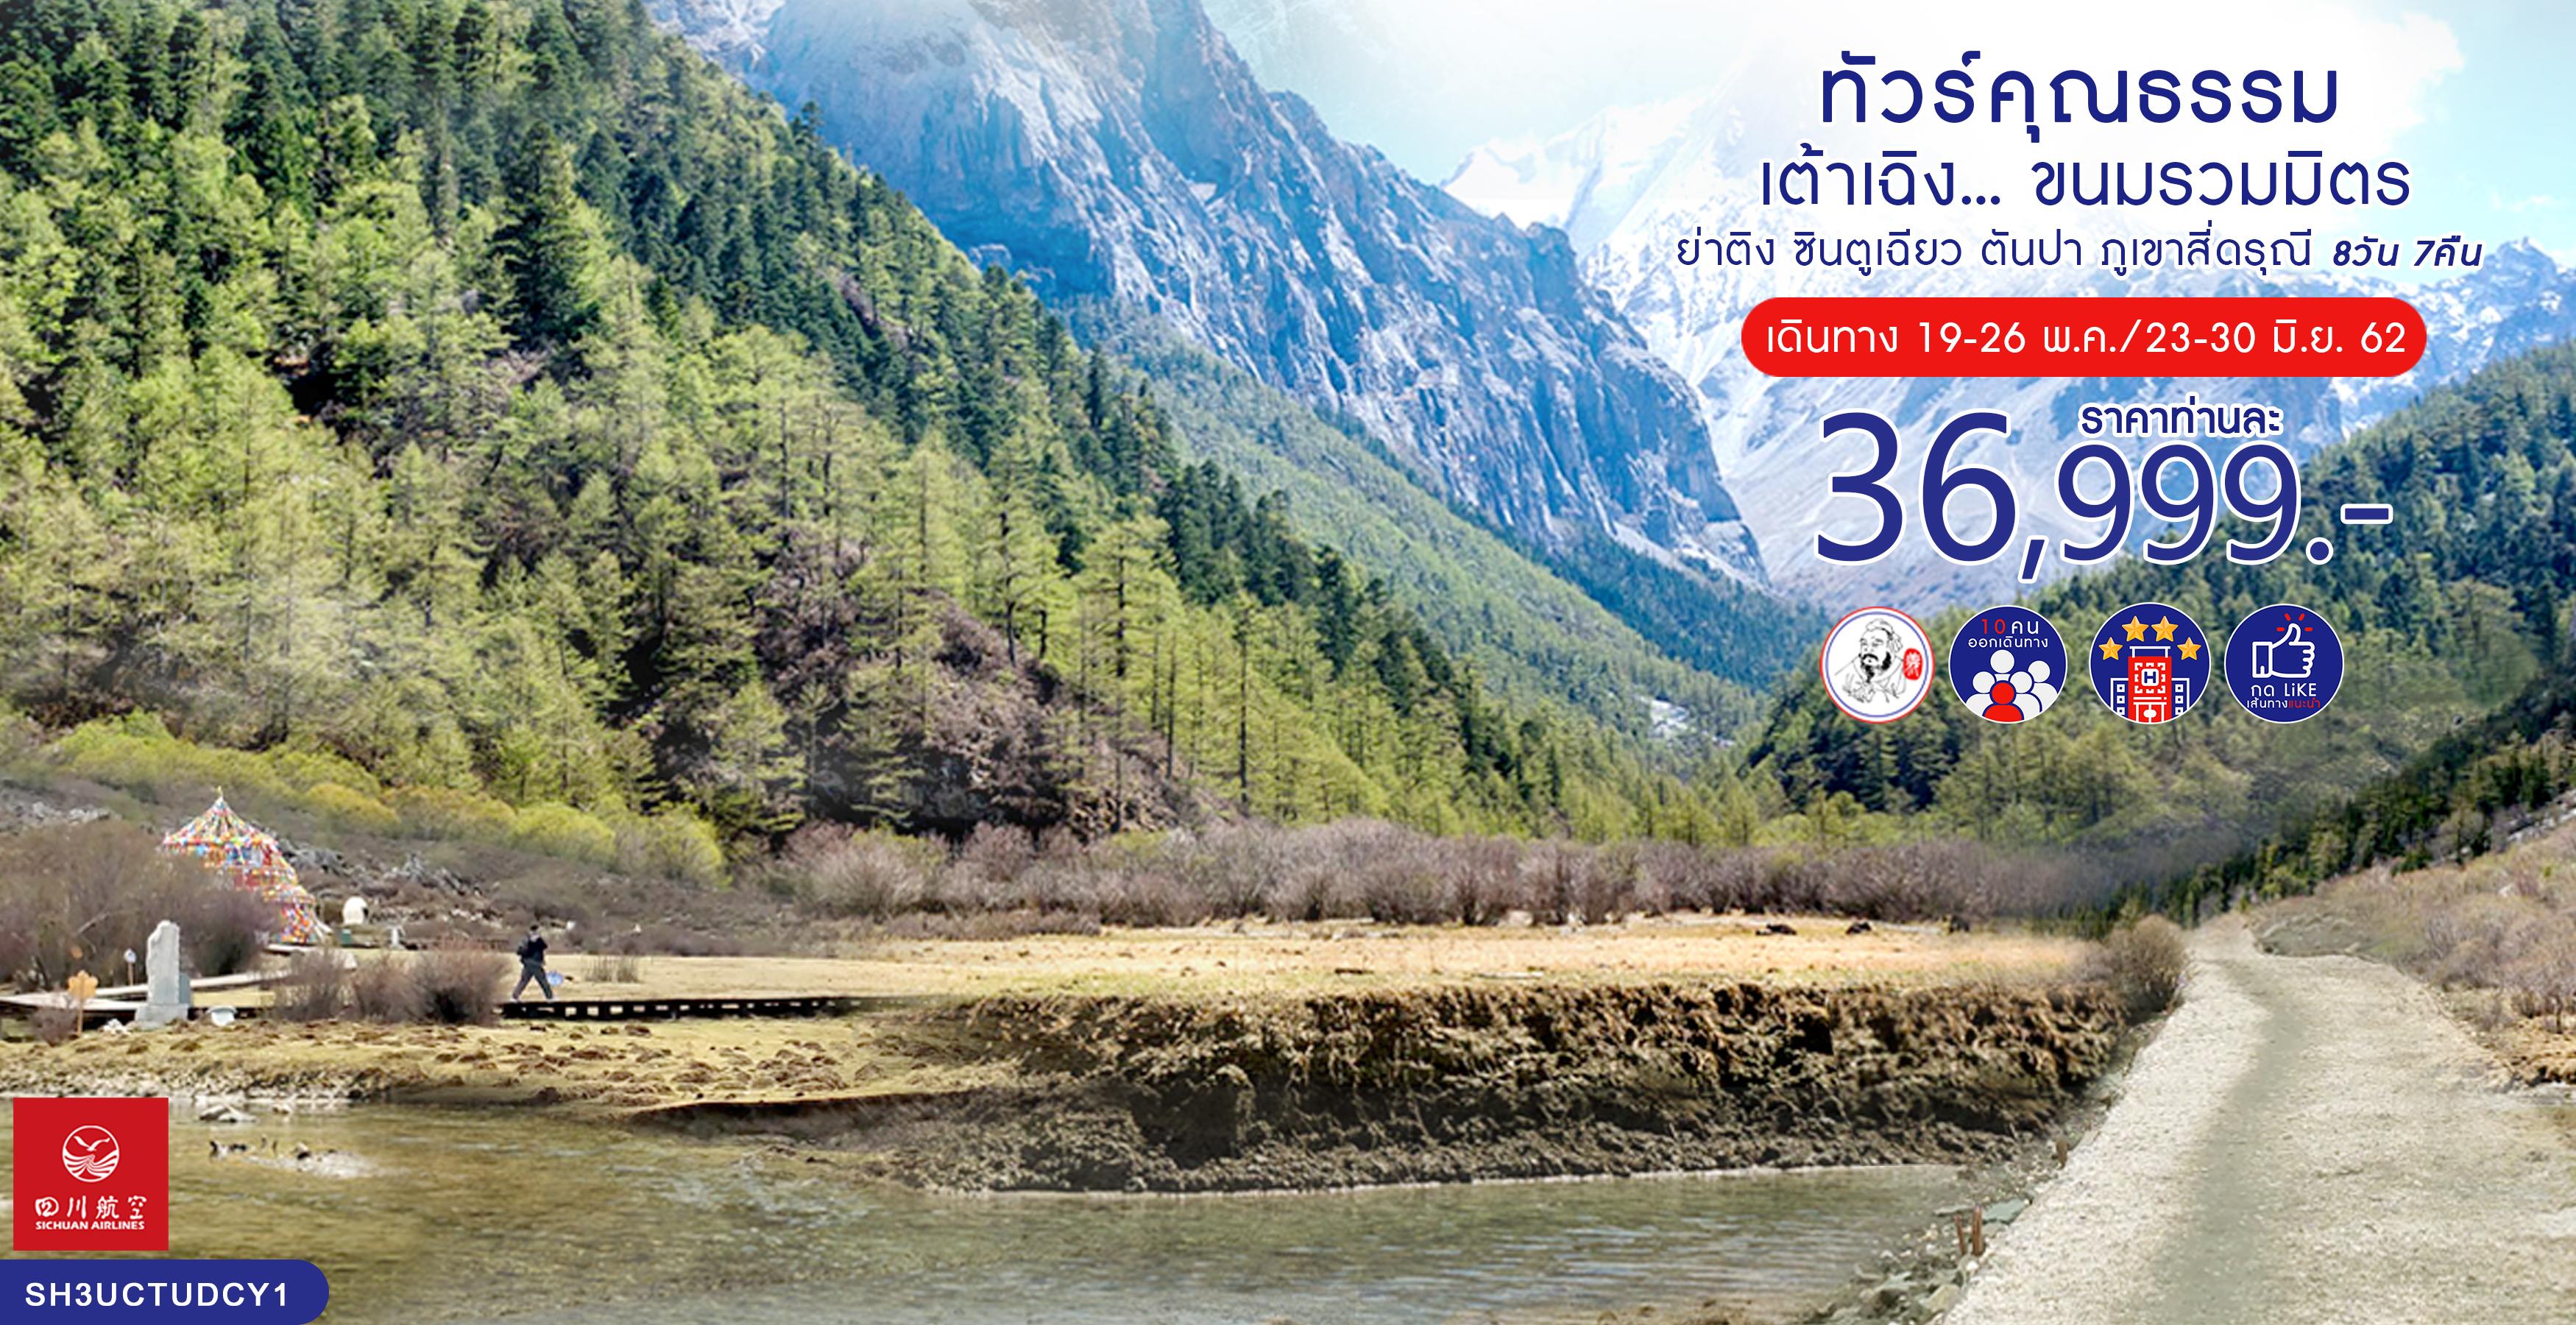 ทัวร์จีน ทัวร์คุณธรรม ทัวร์เต้าเฉิง...ขนมรวมมิตร ย่าติง ซินตูเฉียว ตันปา ภูเขาสี่ดรุณี 8 วัน 7 คืน (3U)